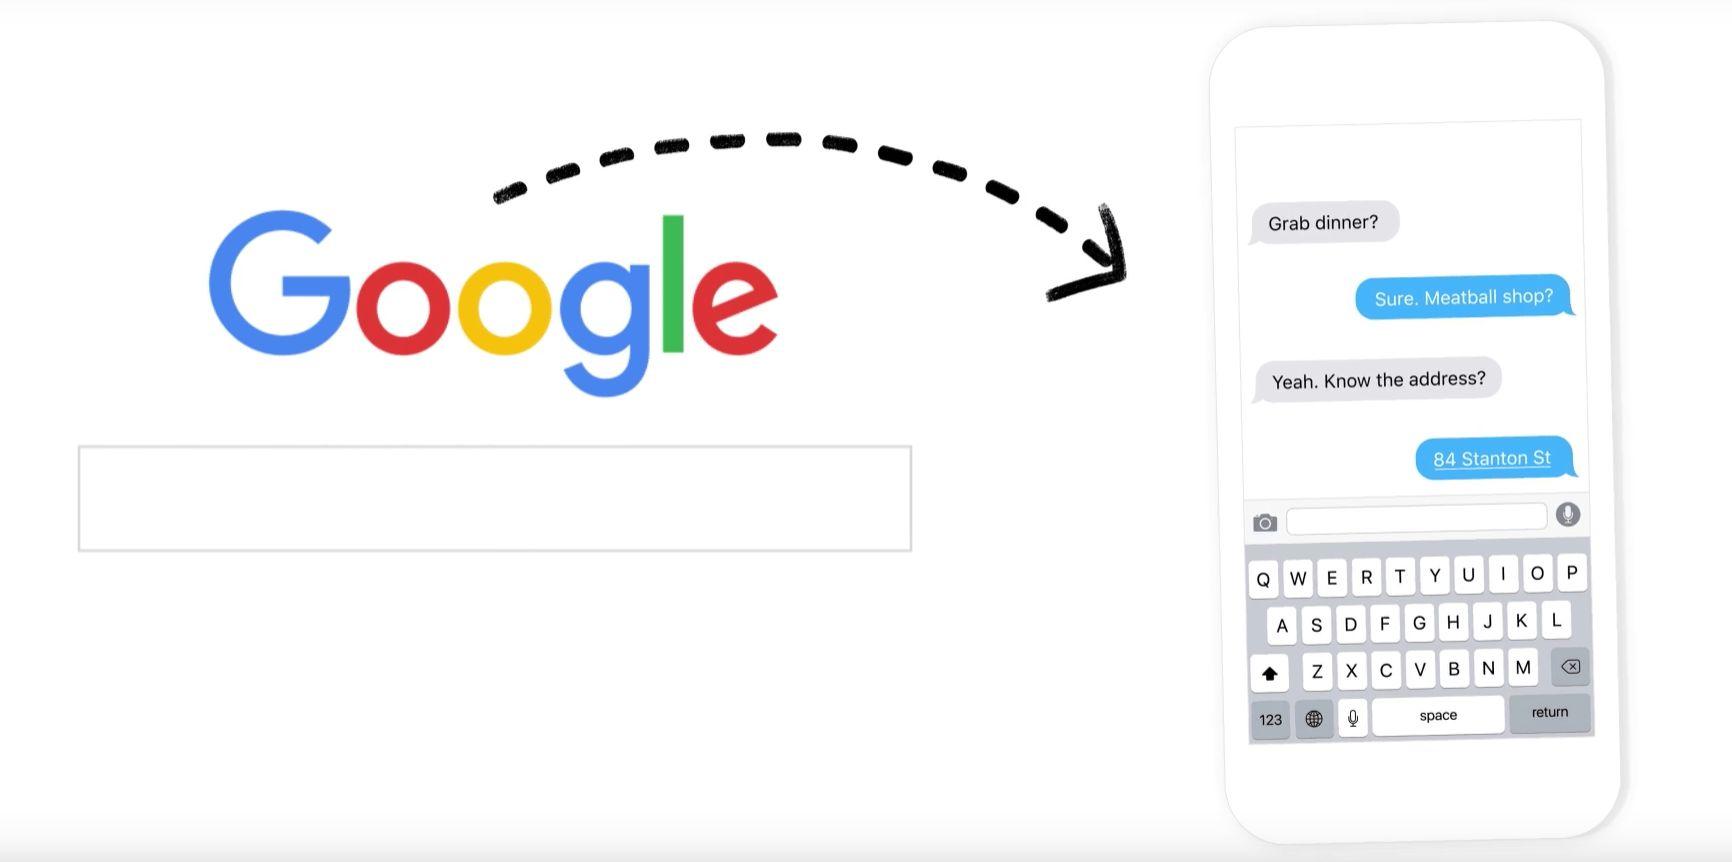 Installare in anteprima Google GBoard su Android